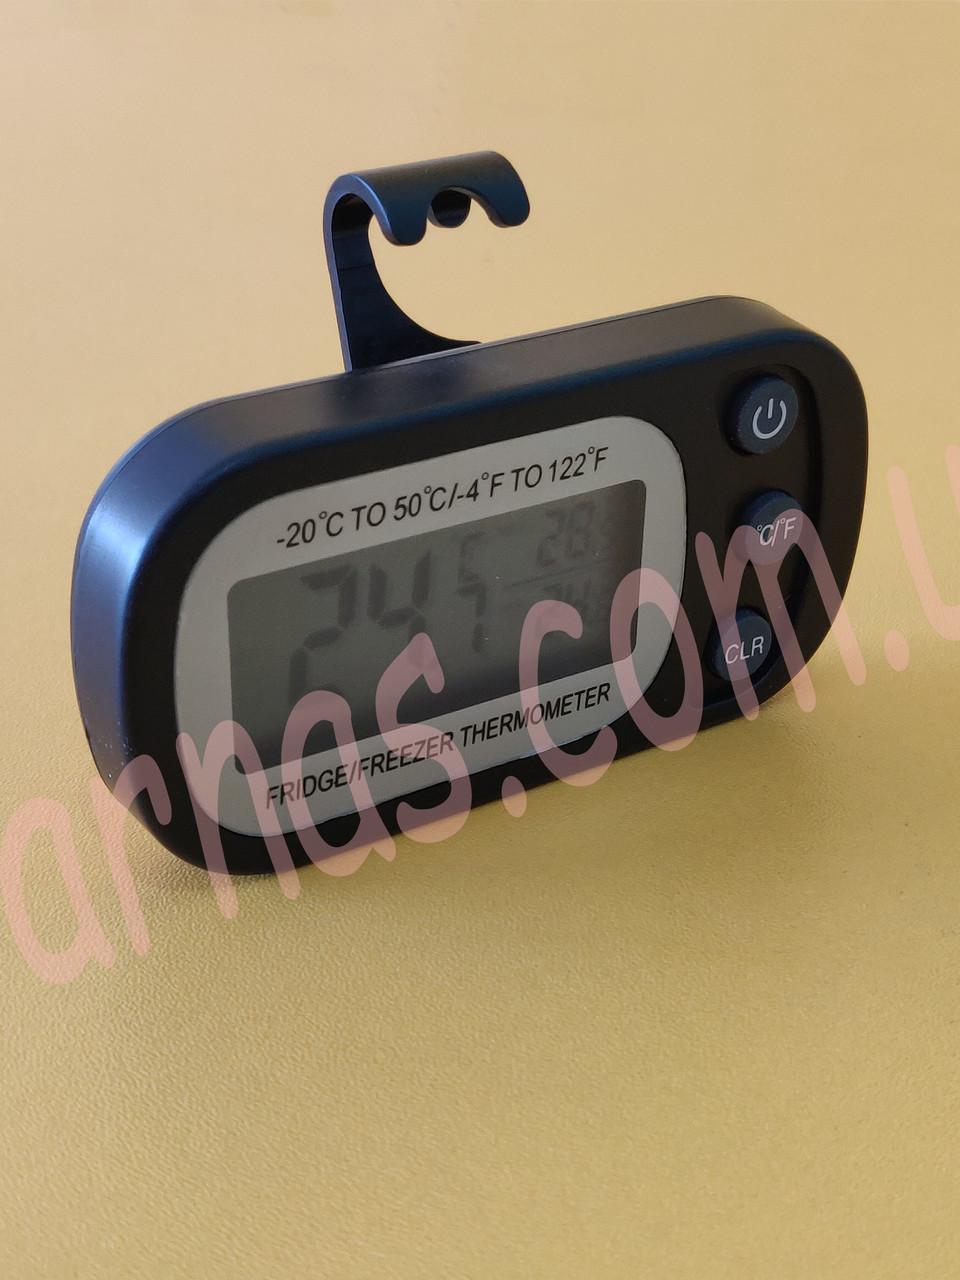 Термометр-гигрометр Digital fridge freezer thermometer цифровой (8819)